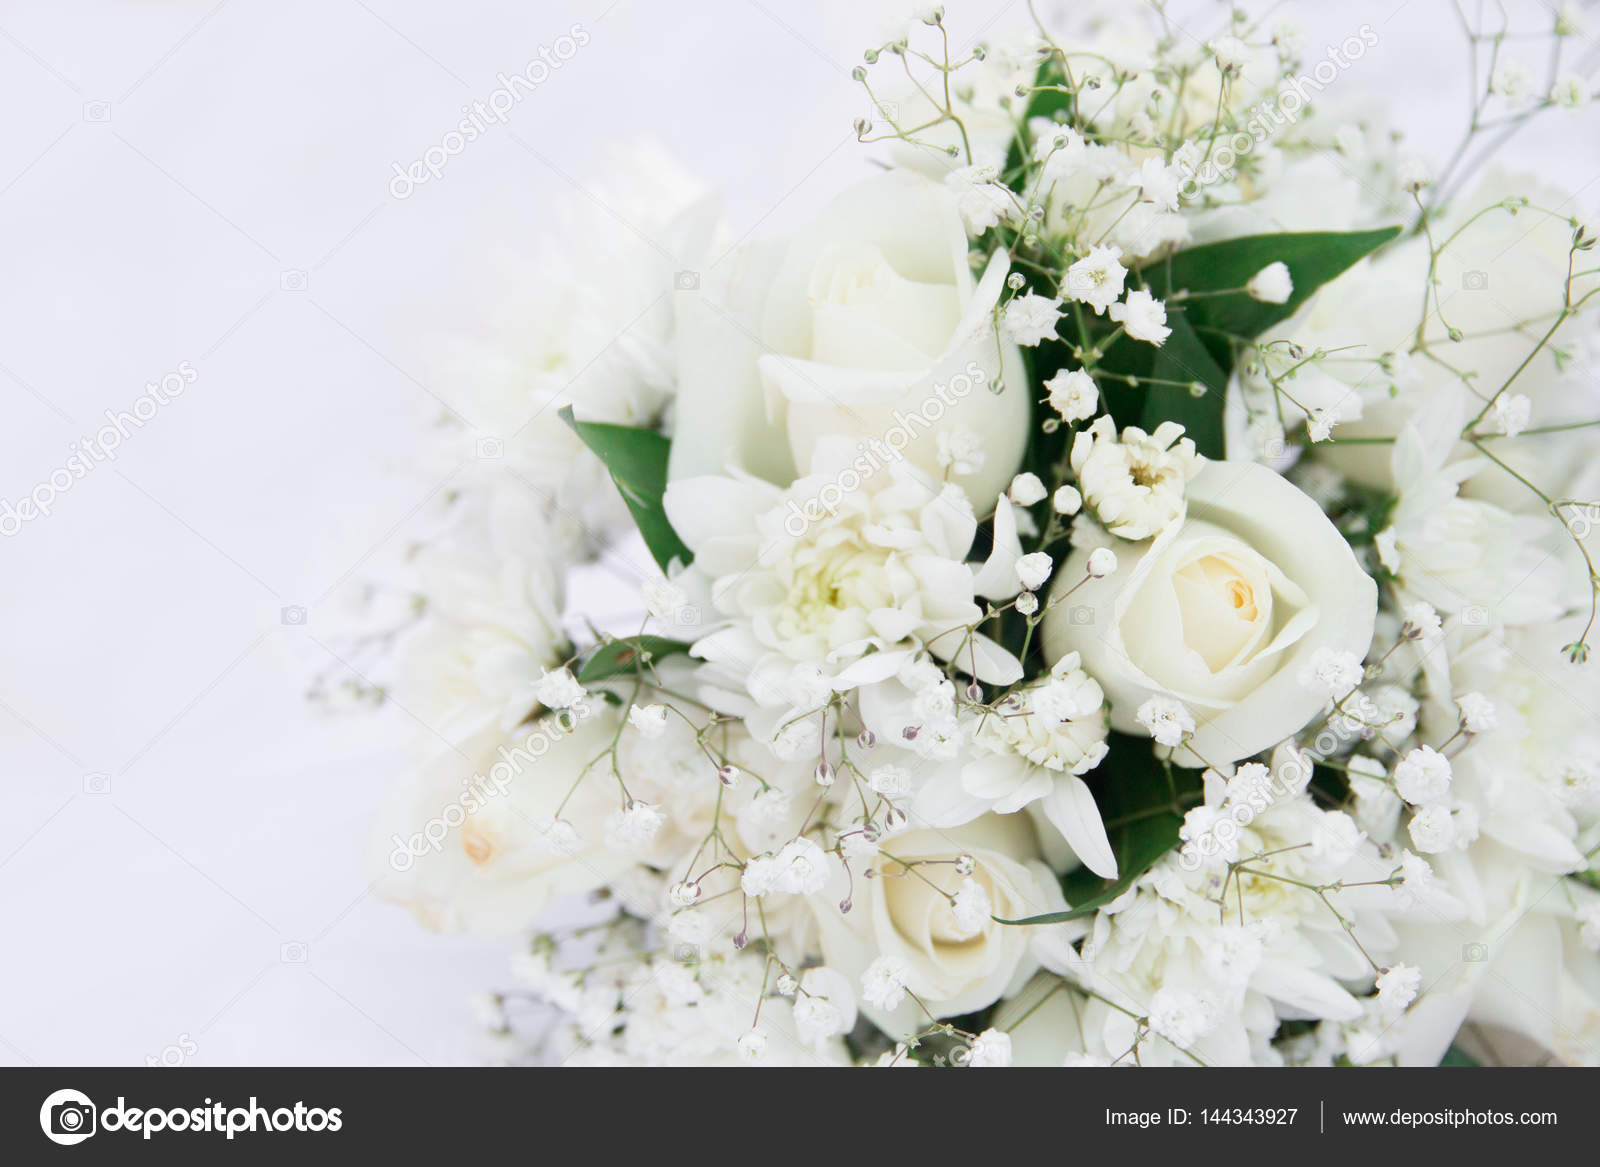 Weisse Rosen Hochzeit Blumenstrauss Hinlegen Isoliert Auf Weiss